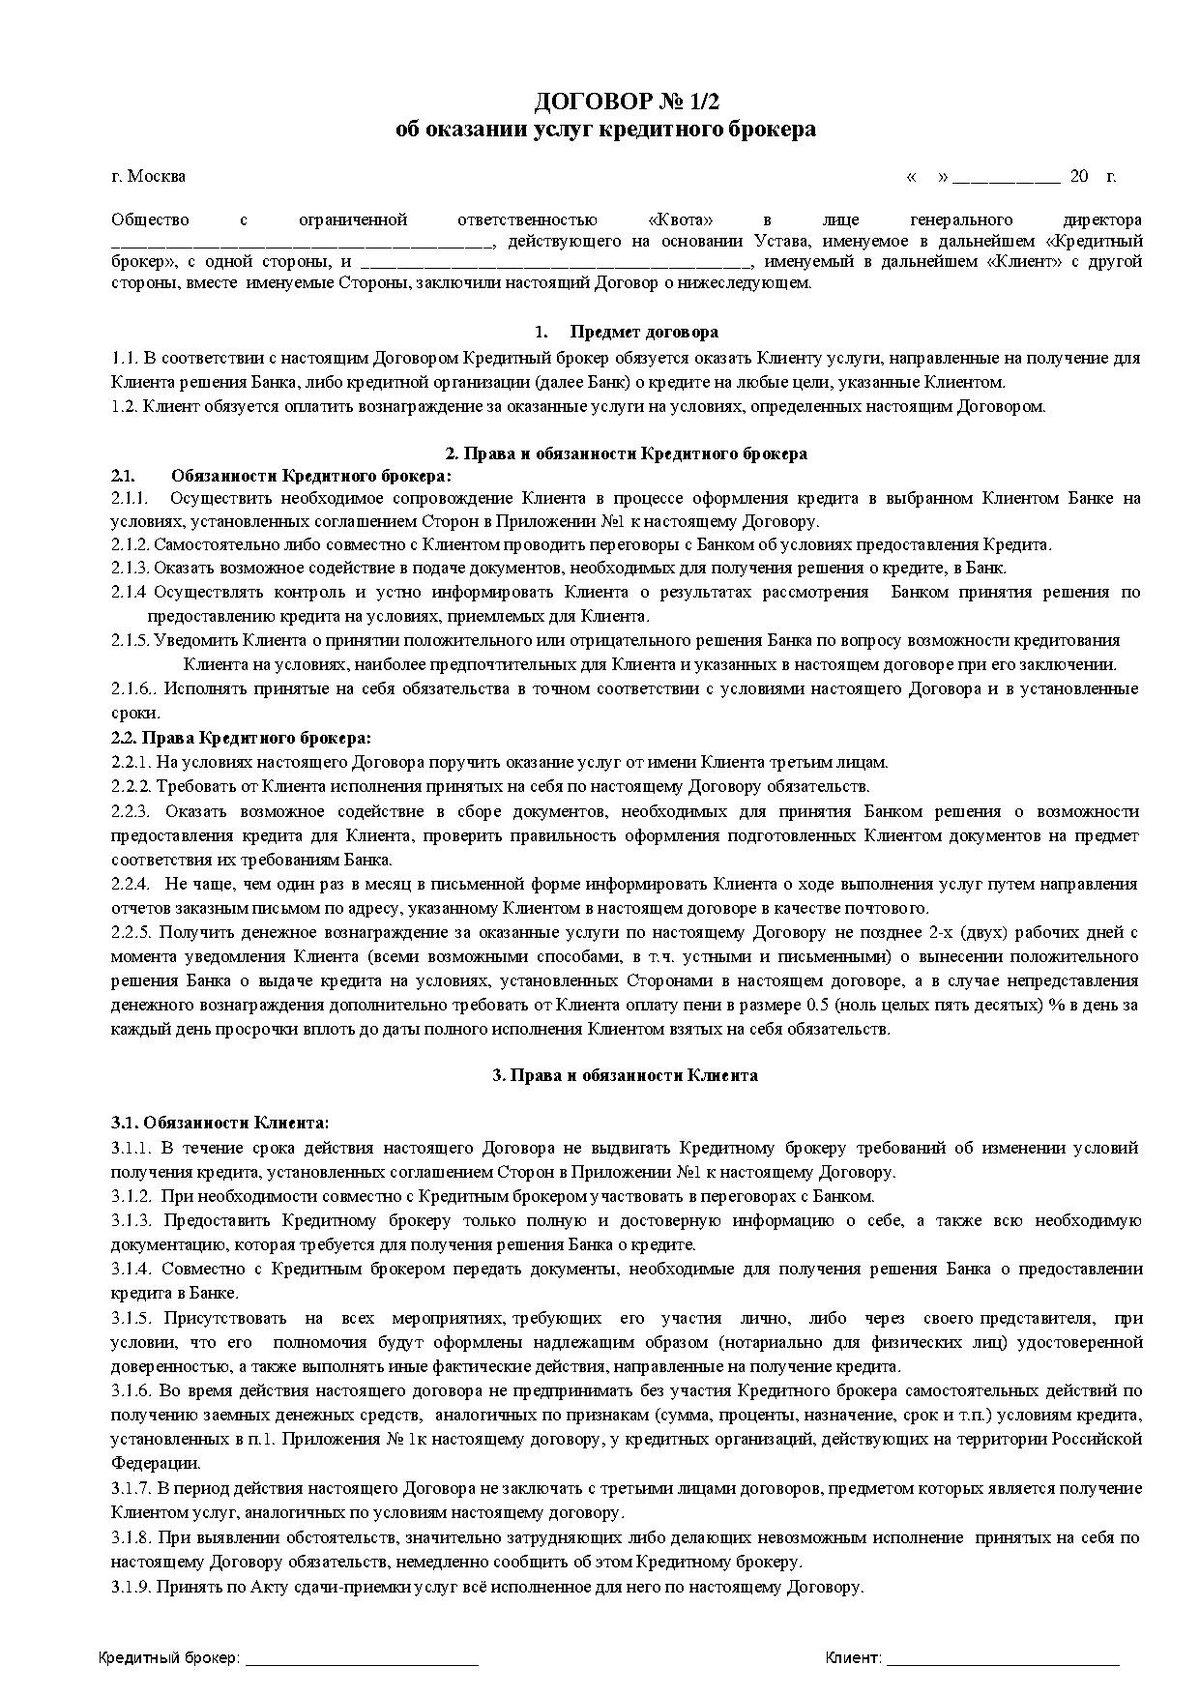 кредитный договор назначение